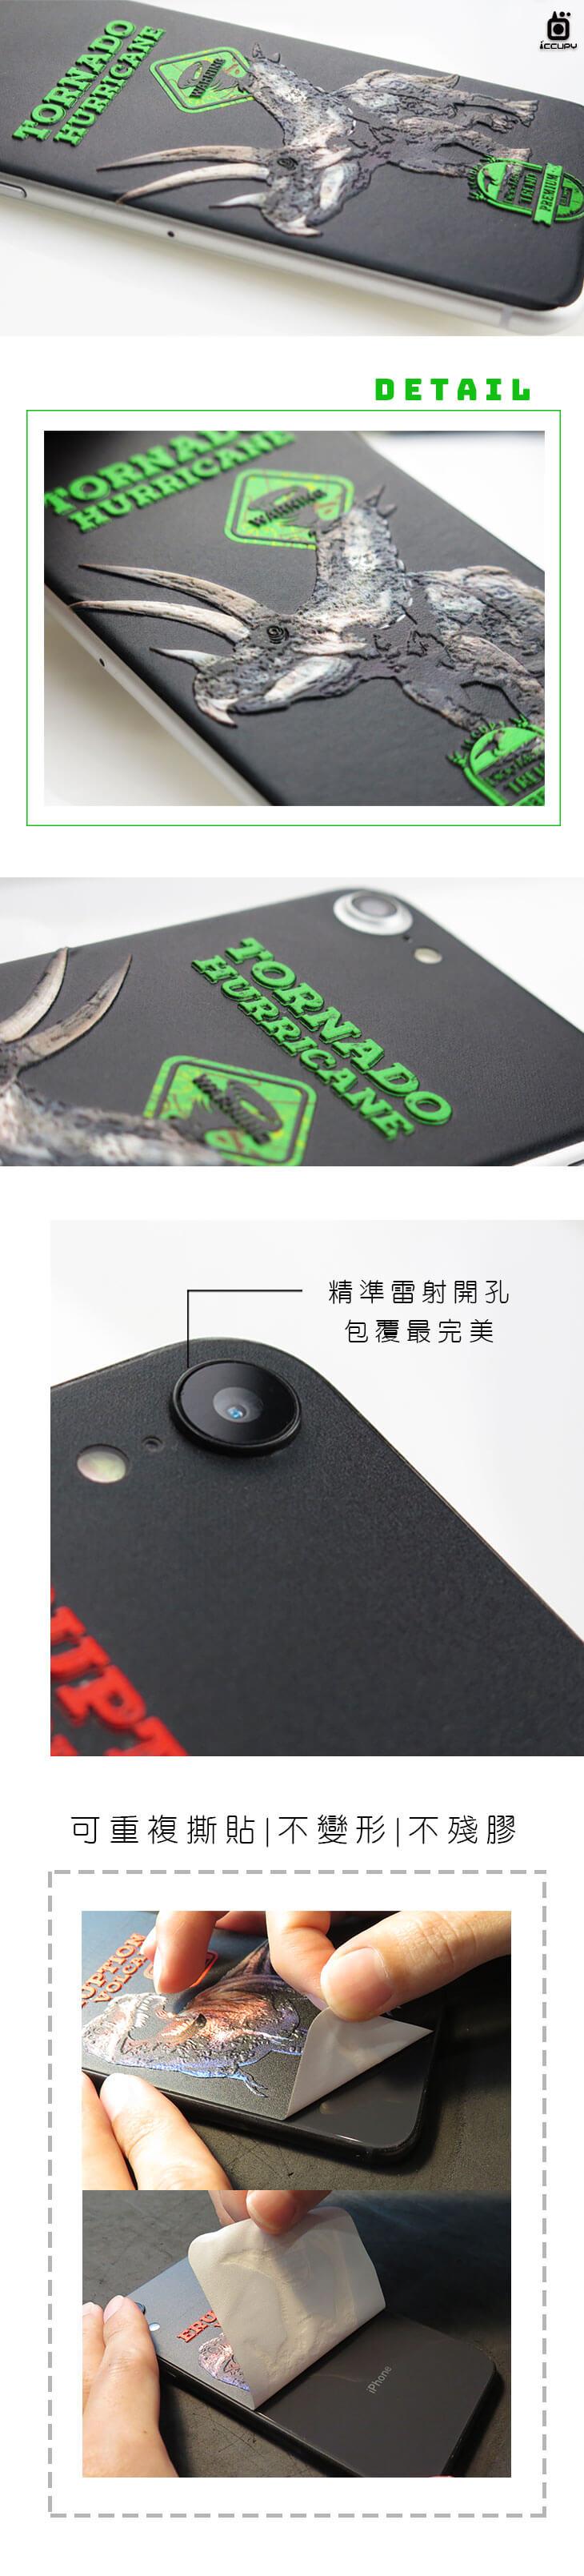 高雄手機包膜-刁膜DiaoMore-VR擬真浮雕背貼-恐龍末日-龍捲風三角龍TORNADO